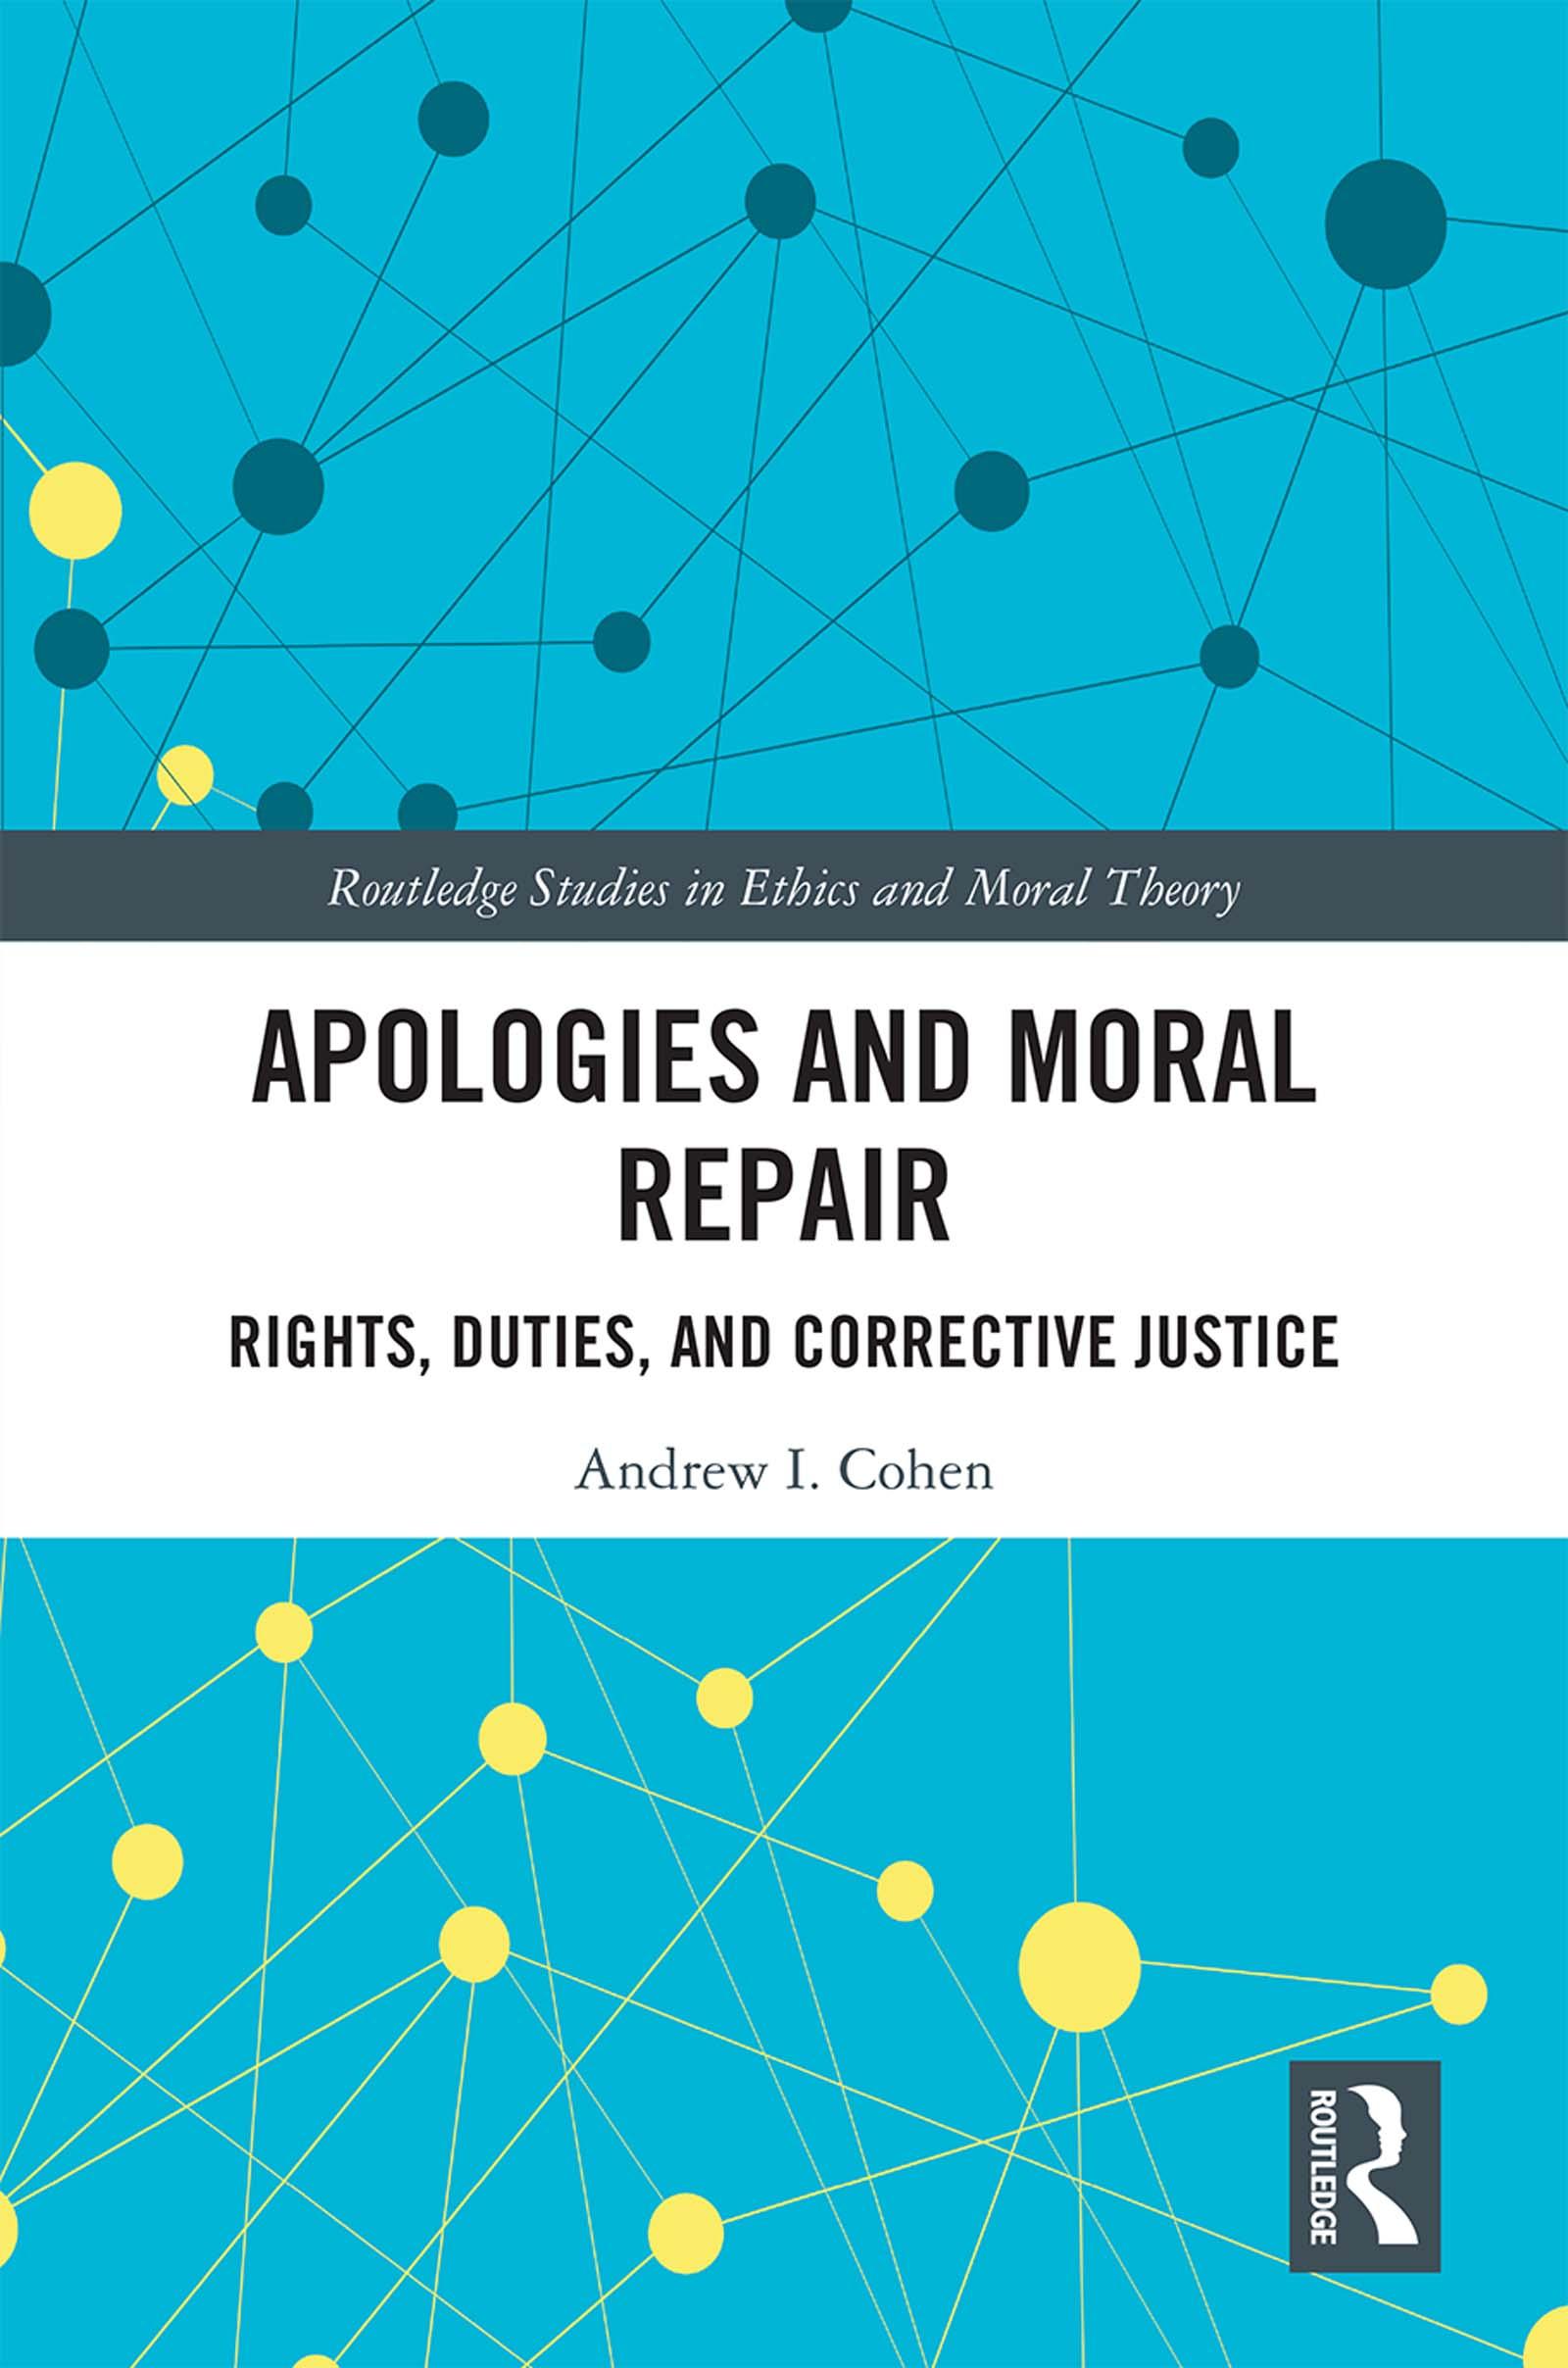 Apologies and Moral Repair